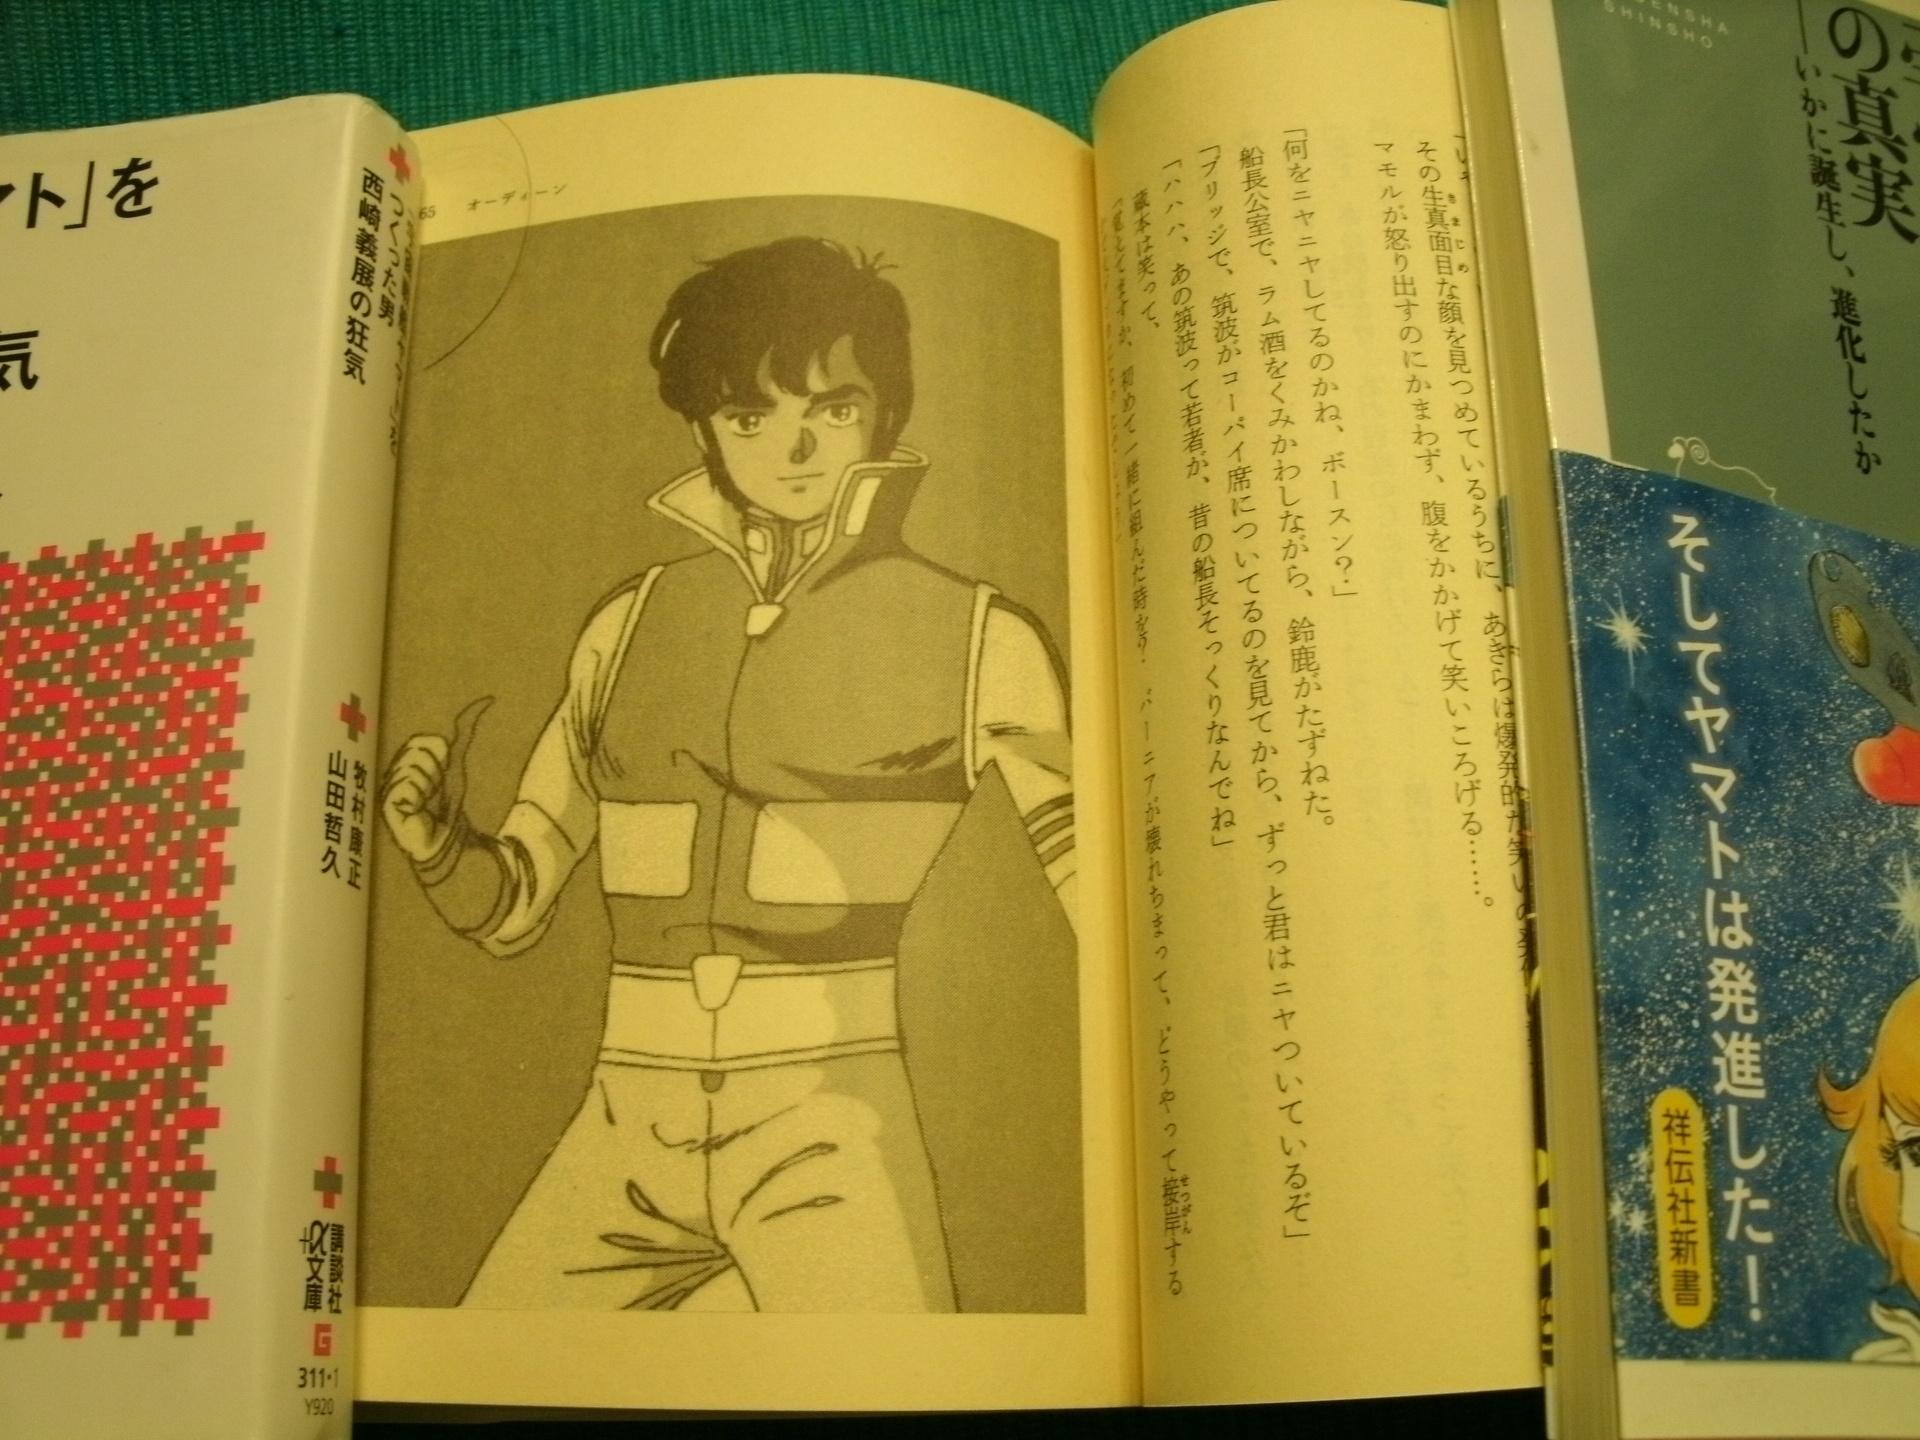 2019年1月1日「オーディーン 光子帆船スターライト」(集英社文庫その2.JPG